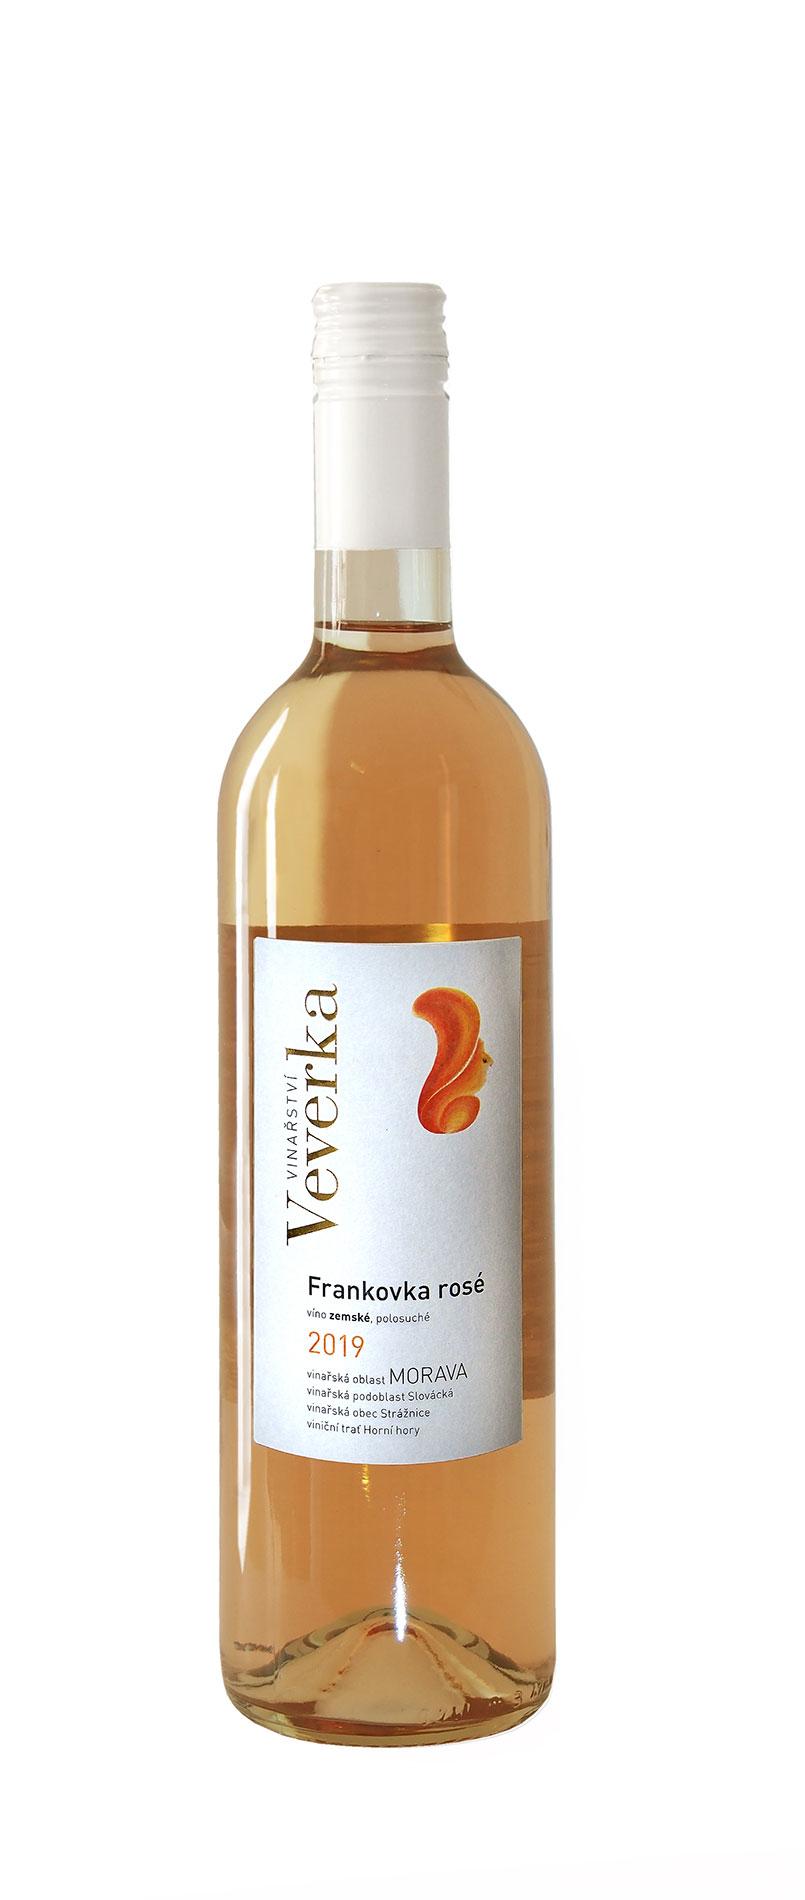 Frankovka rose 2019